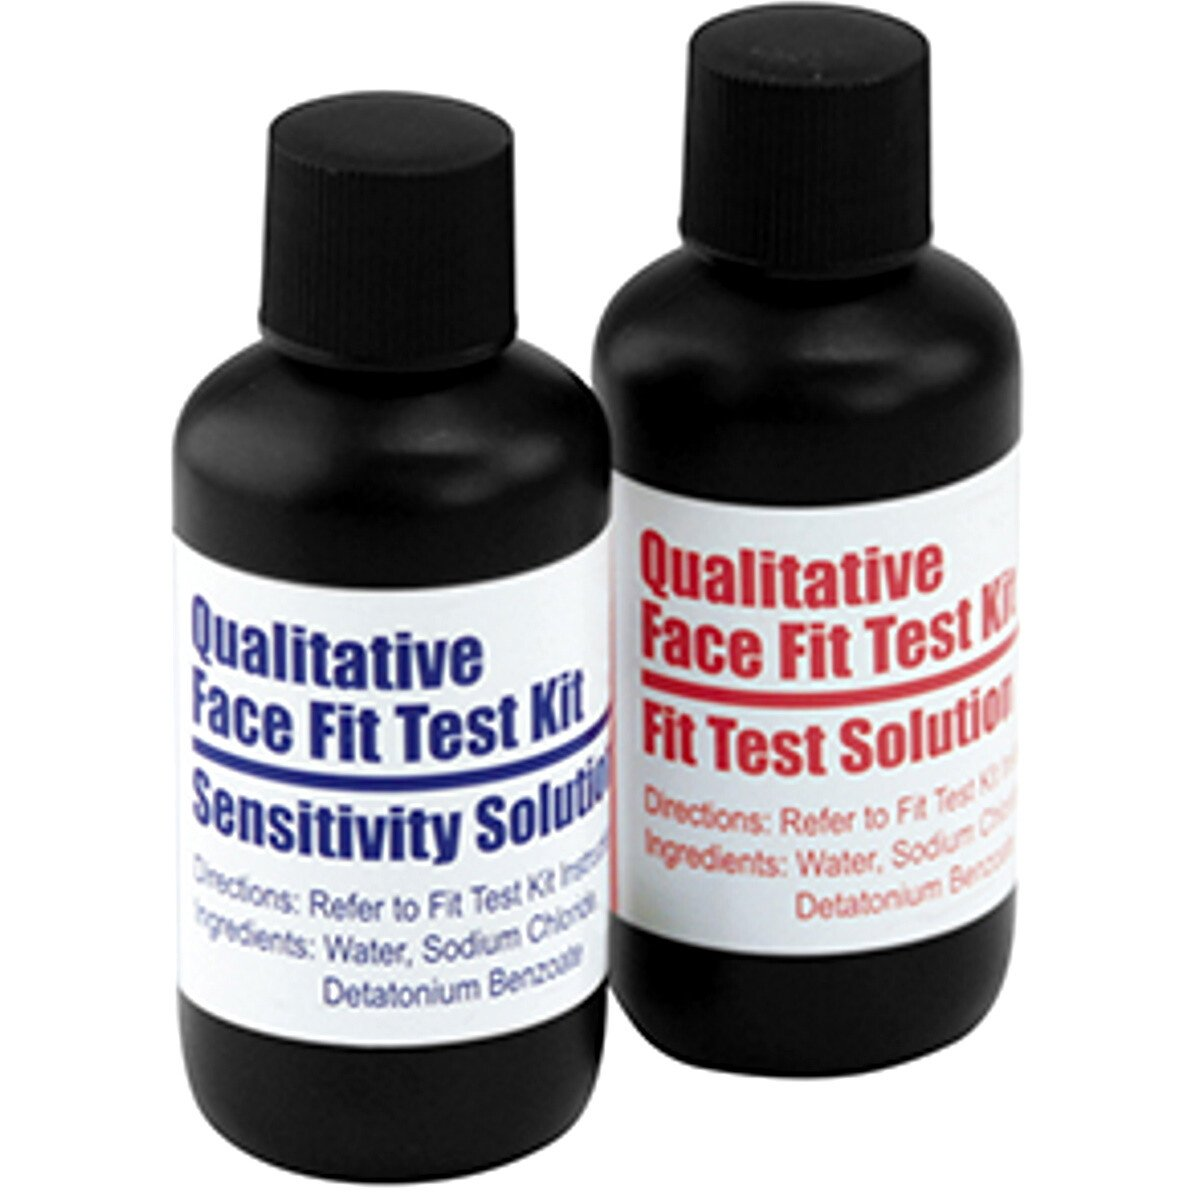 JSP BPT080-000-000 Bitrex Fit Test Solution - 2 x Bottles for Qualitative Face Fit Testing Kit